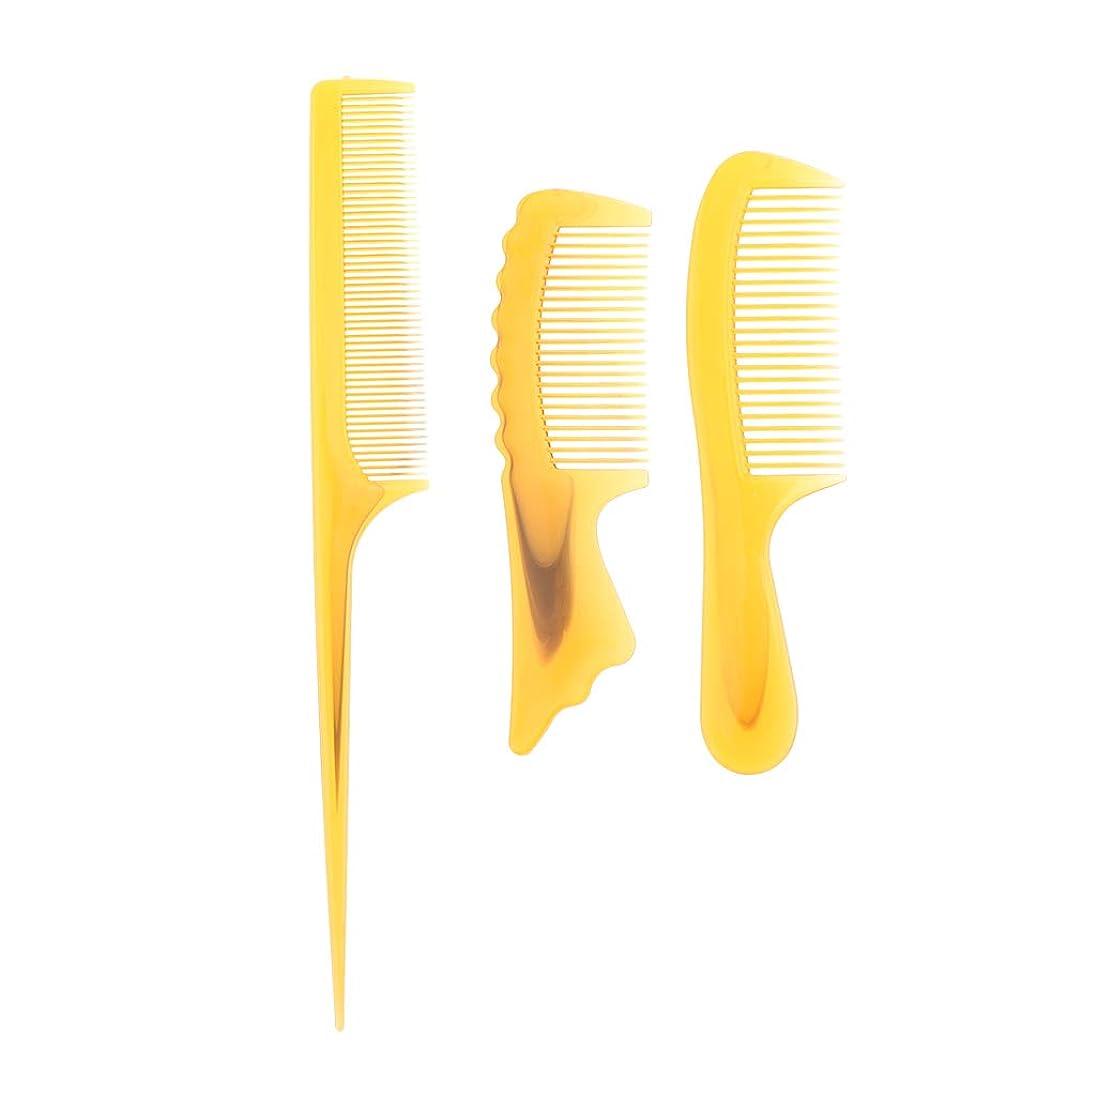 韓国語行列物語B Baosity 3個 ヘアコーム 静電防止櫛 コーム 理髪 美容師 ヘアケア